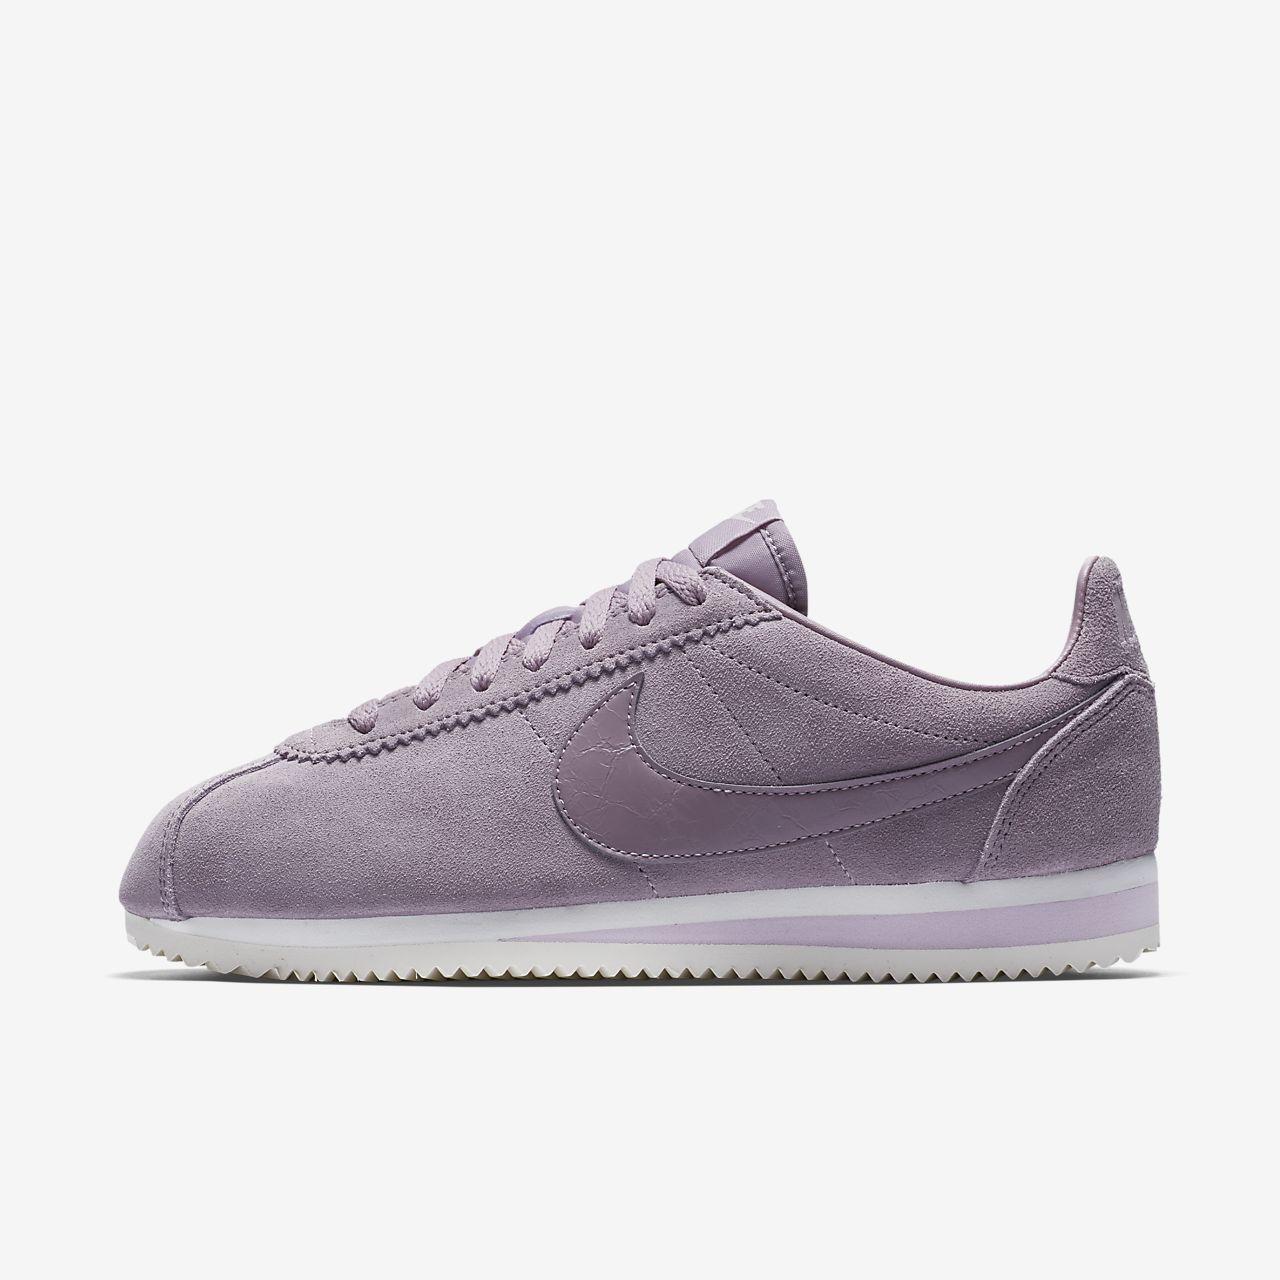 release date d0705 46ef1 ... switzerland nike classic cortez suede womens shoe f83ec a62aa